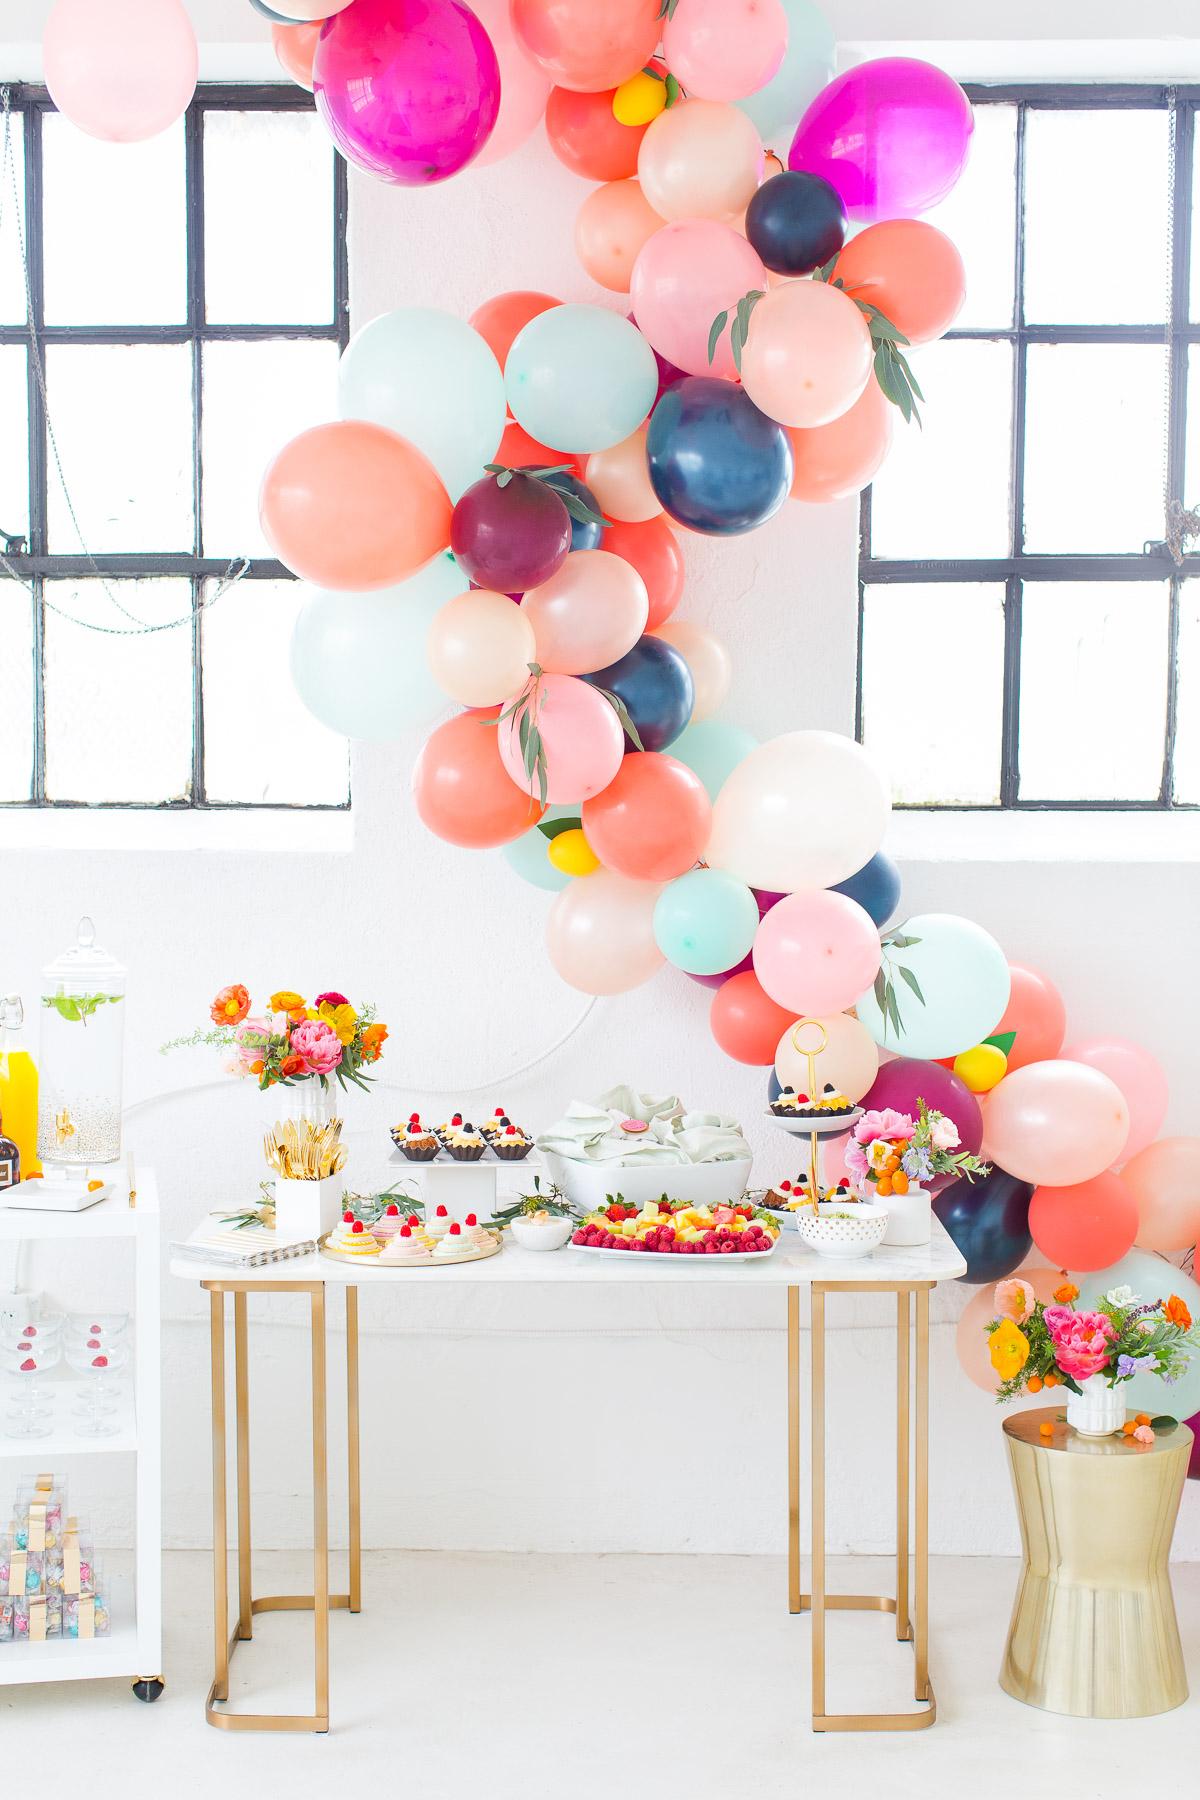 guirlande de ballon couleur élégante fête diy - blog déco - clem around the corner